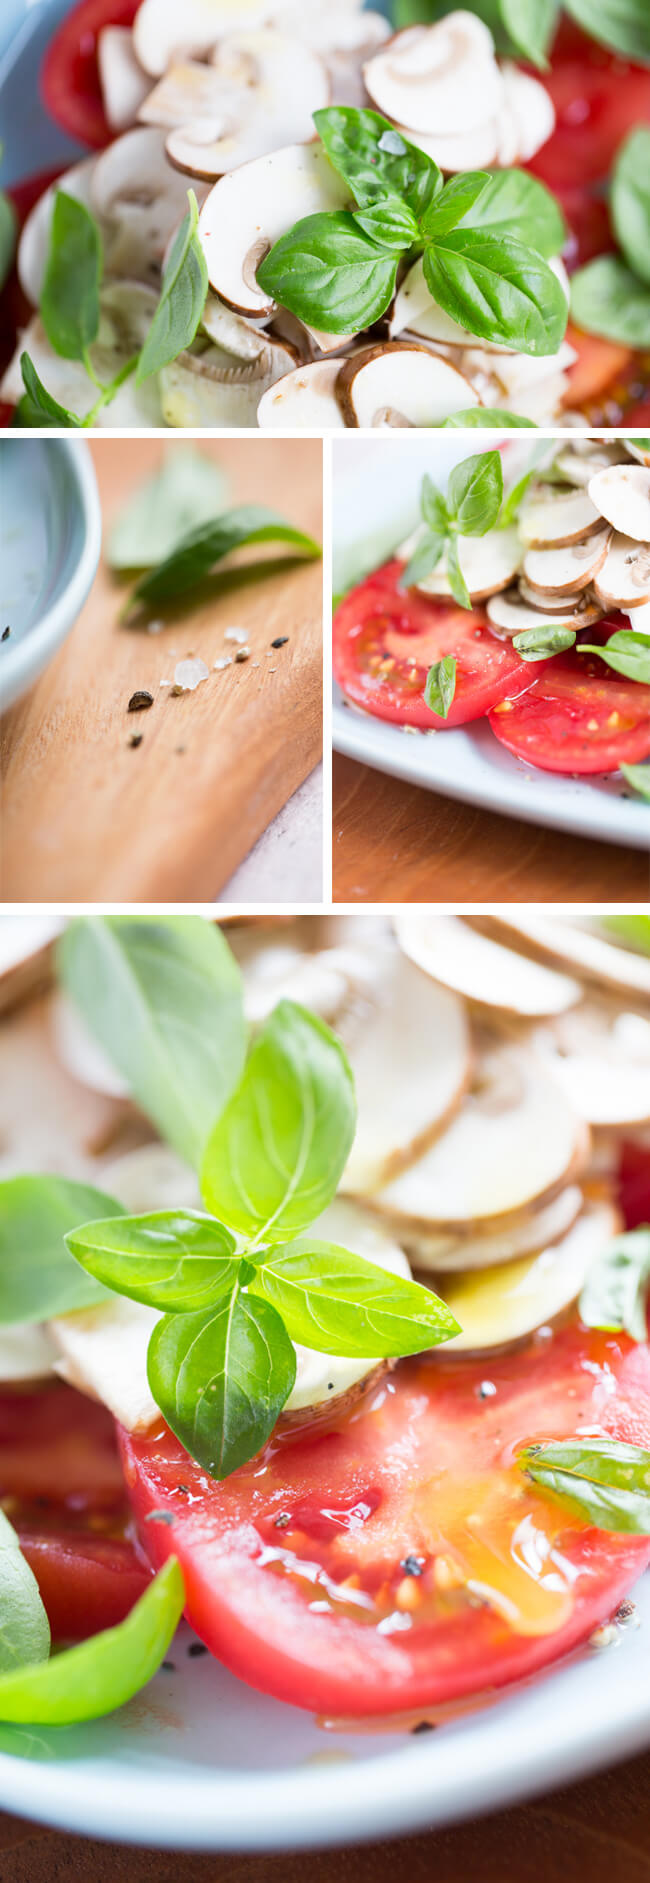 TomatensalatCollage